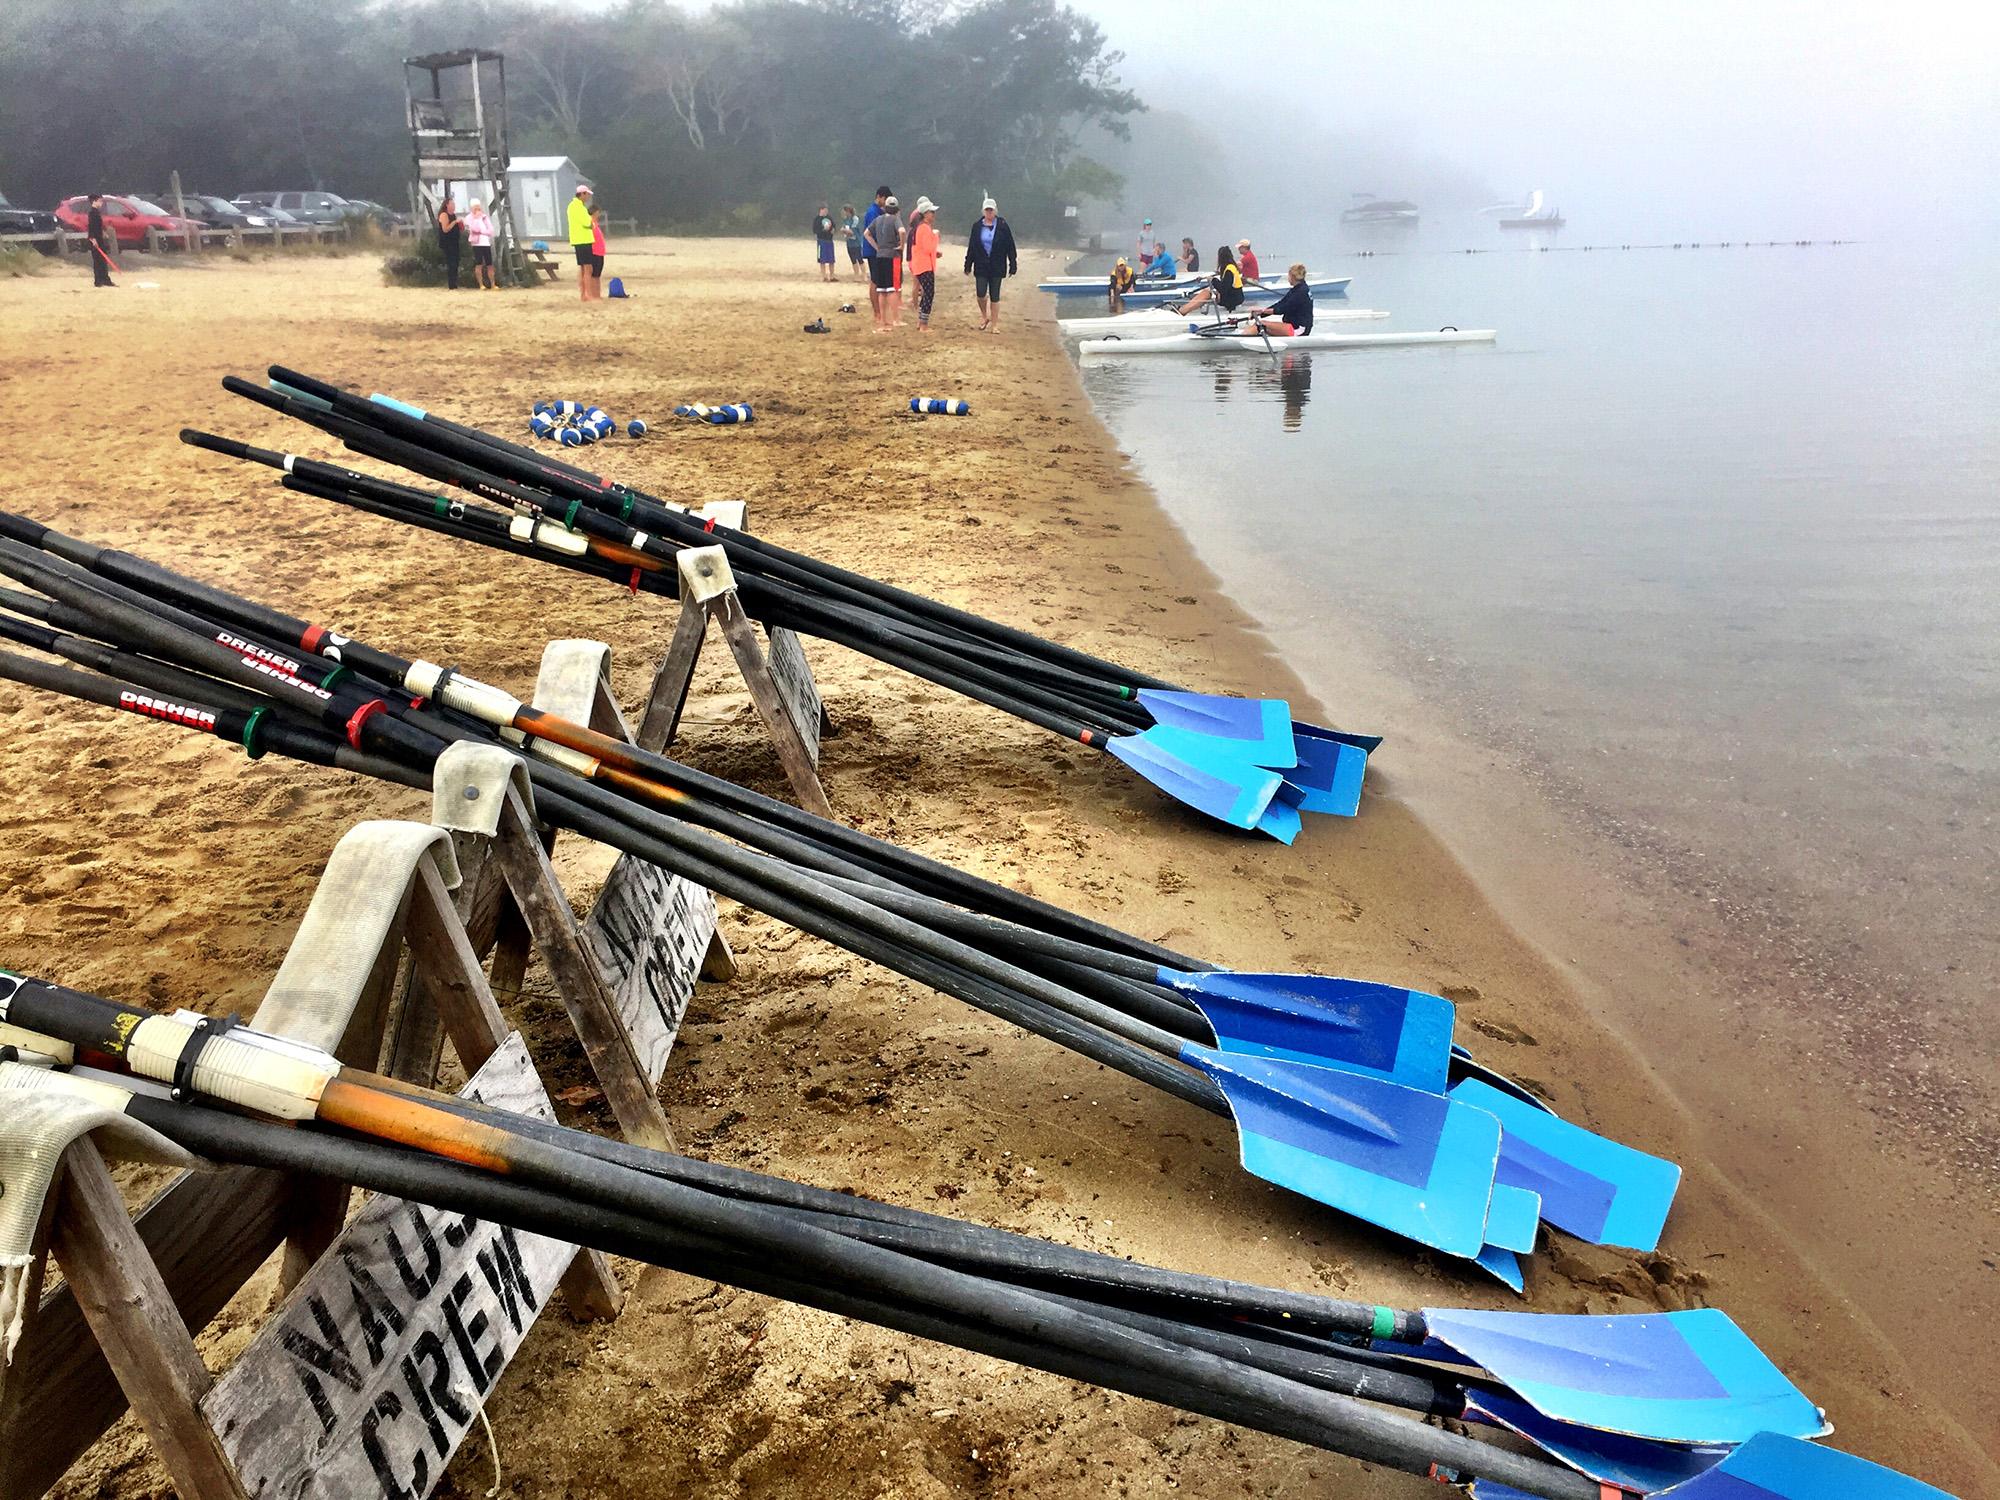 capecodrowing-oars